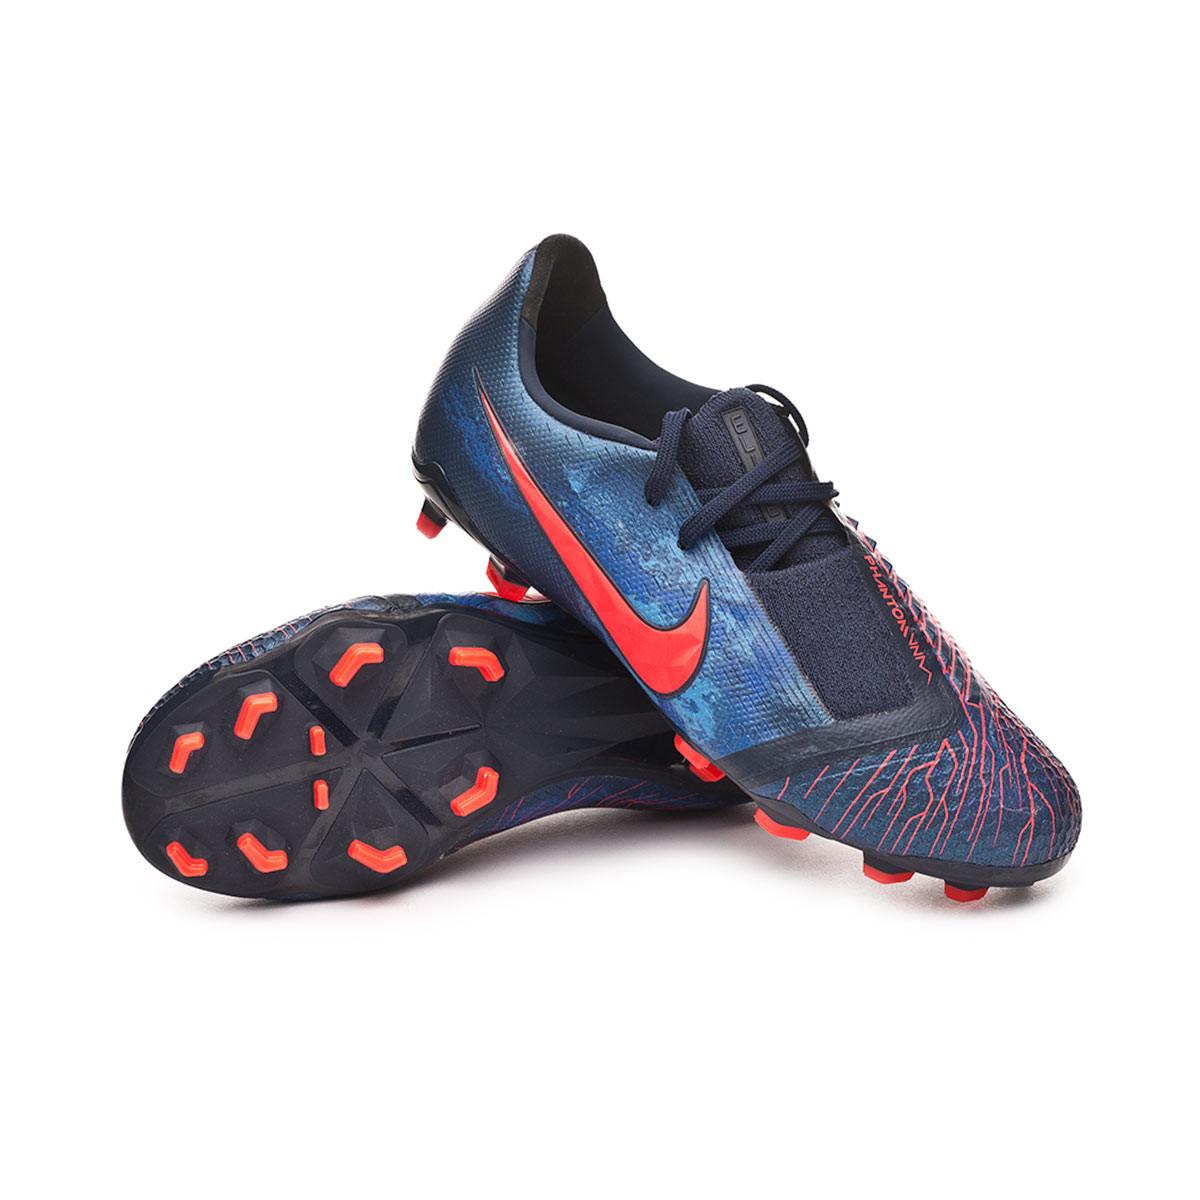 b27d51d5e95 Football Boots Nike Kids Phantom Venom Elite FG Obsidian-White-Black-Racer  blue - Football store Fútbol Emotion